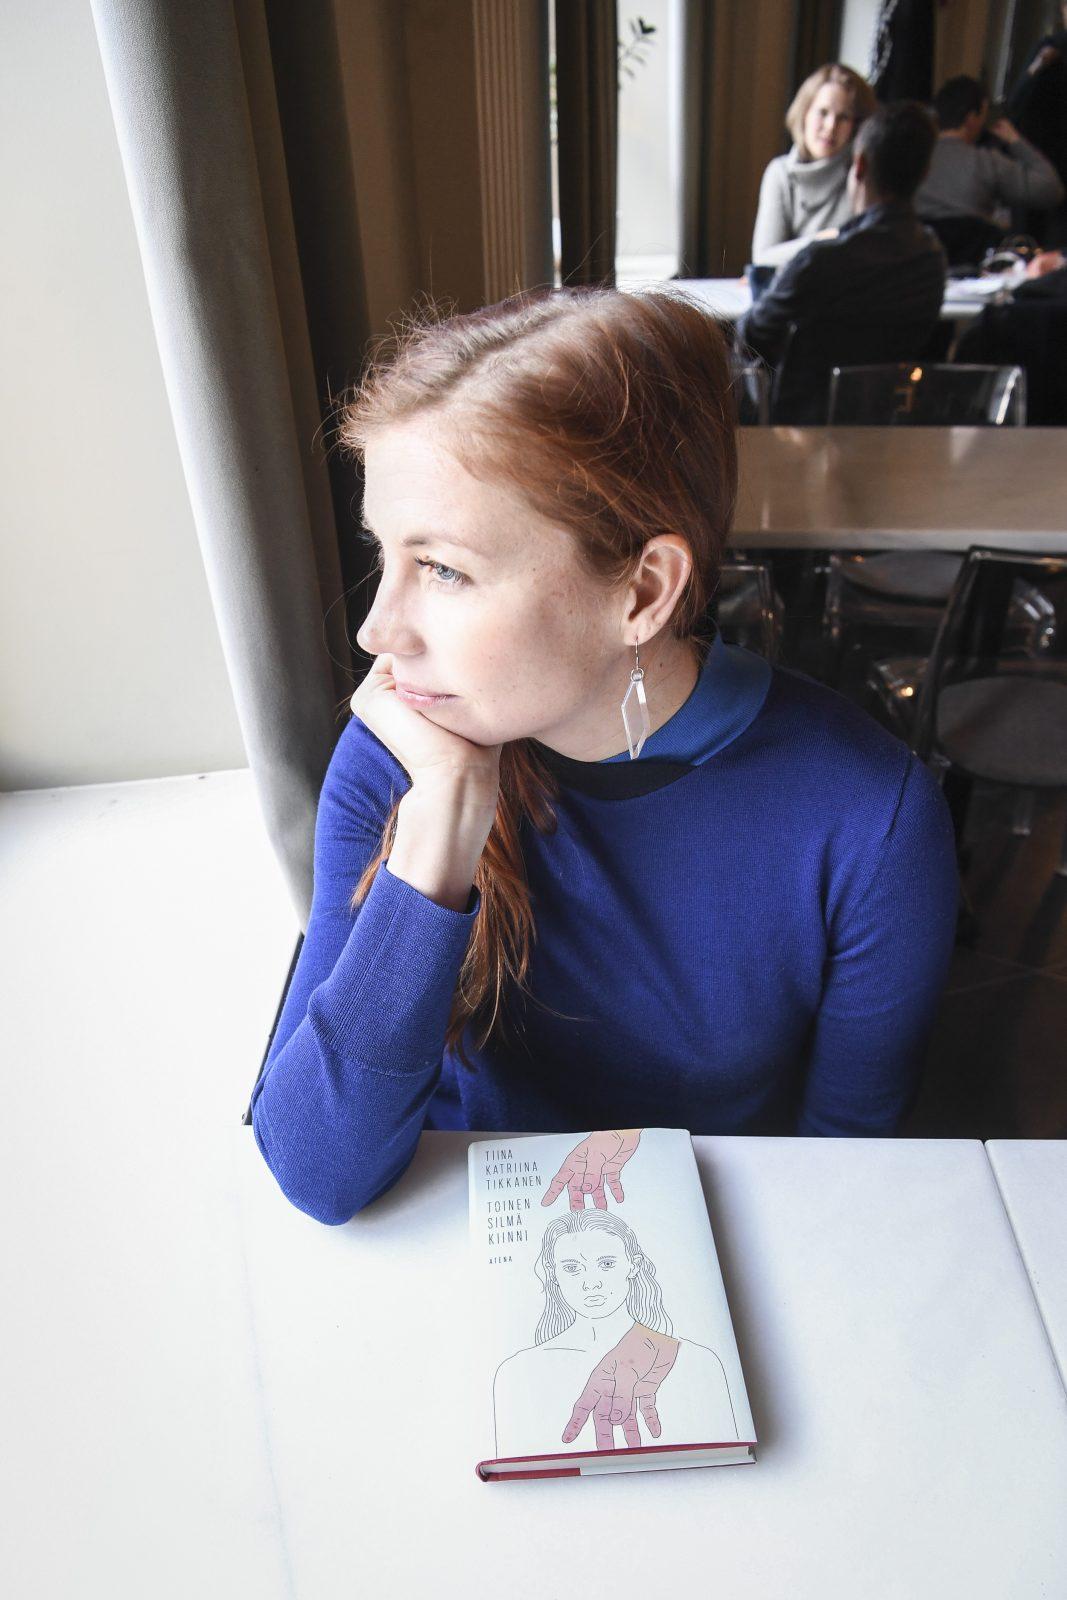 Kirjailija Tiina Katriina Tikkanen. Kuva Comipic/Kimmo Brandt